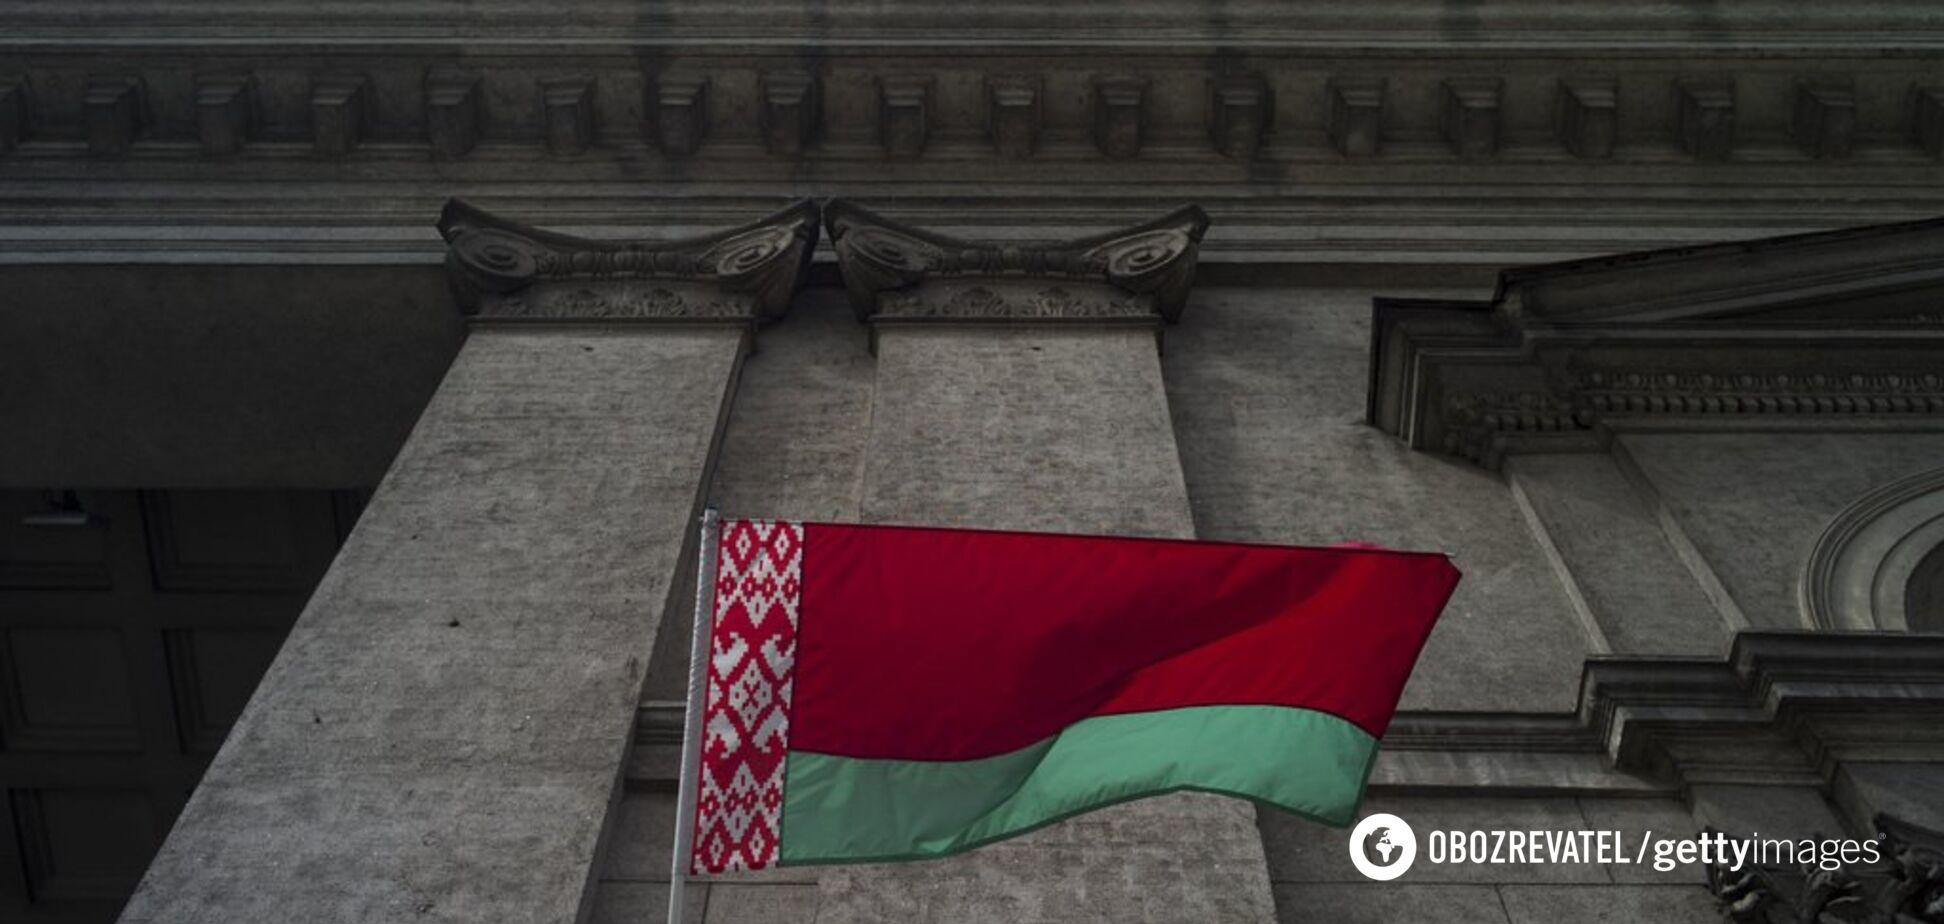 'Братський обов'язок': Білорусь знайшла союзника для вирішення серйозних проблем із нафтою